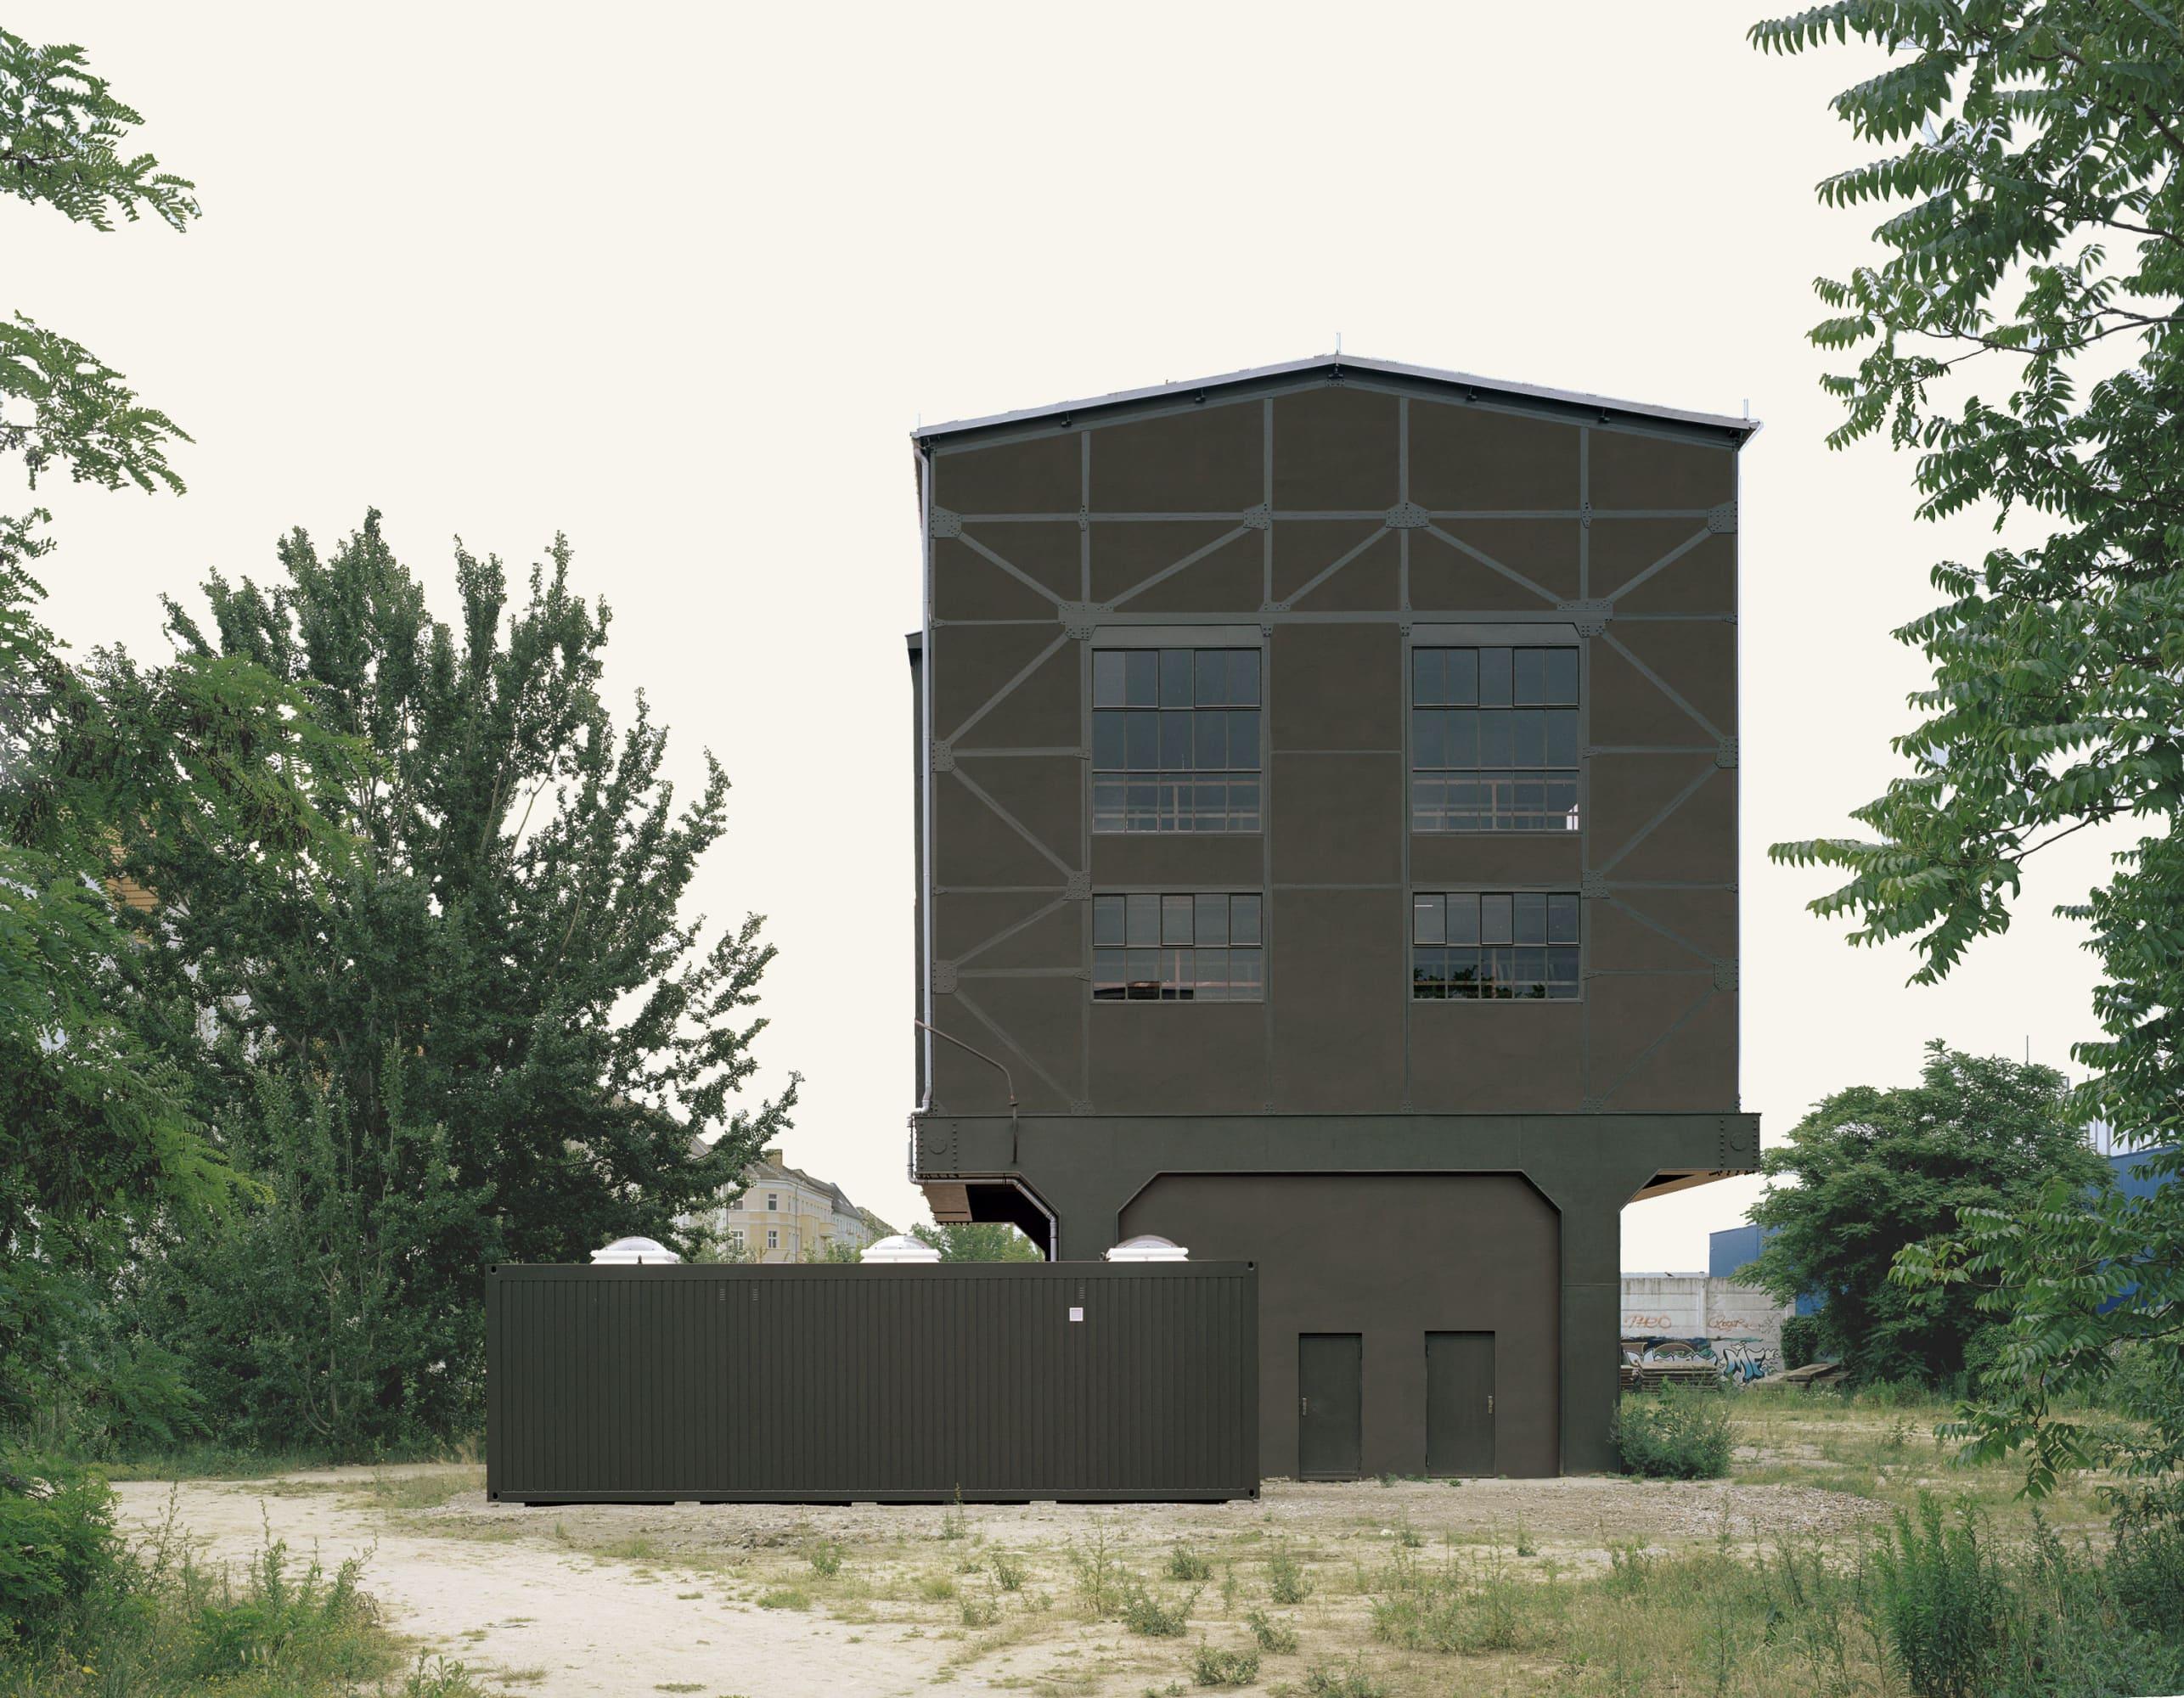 AFF architekten, Hans Christian Schink · Roundhouse